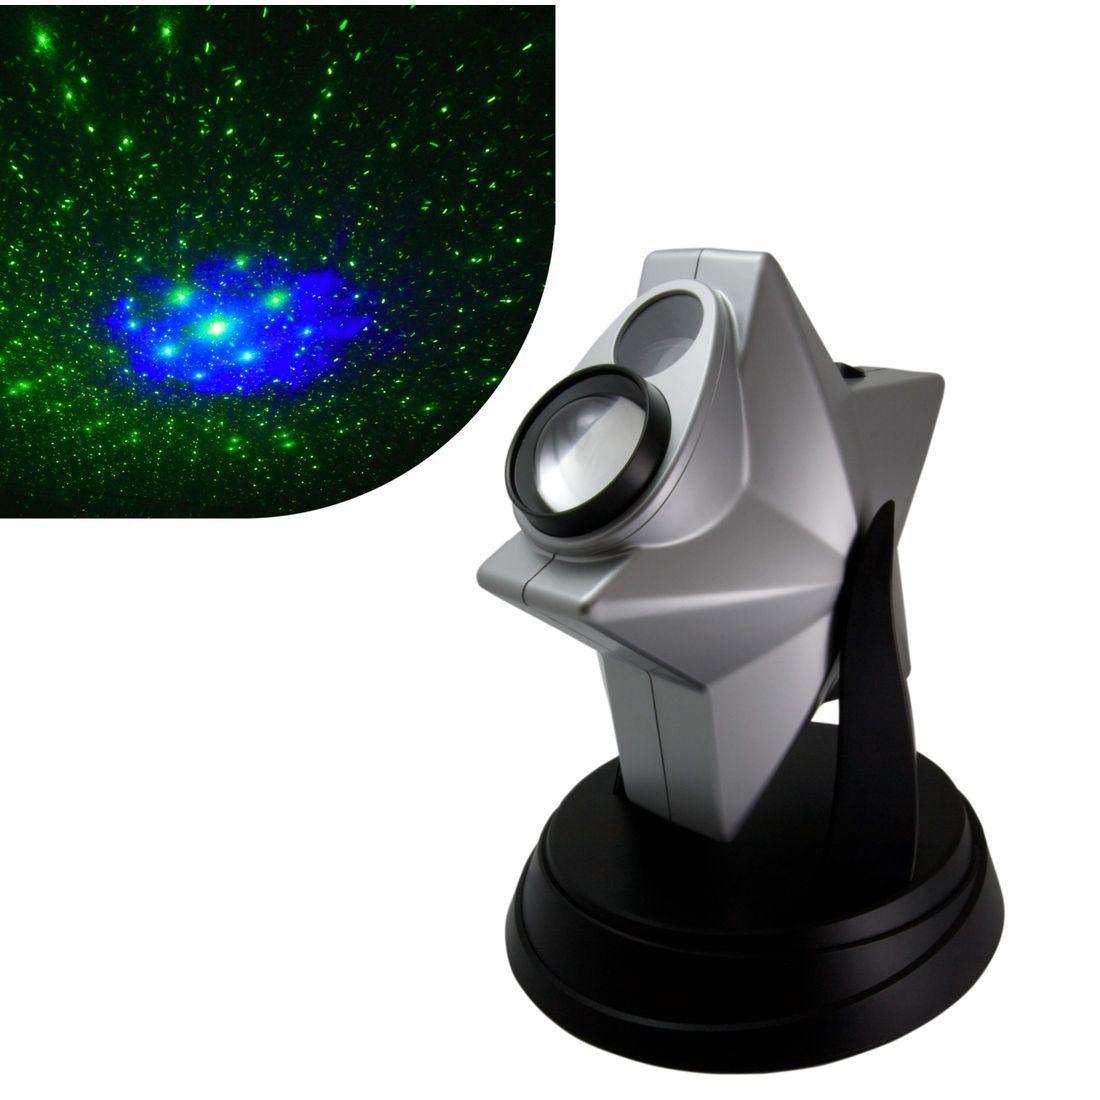 der laser twilight projektor erzeugt einen sternenhimmel an der decke oder wand dies passt in. Black Bedroom Furniture Sets. Home Design Ideas